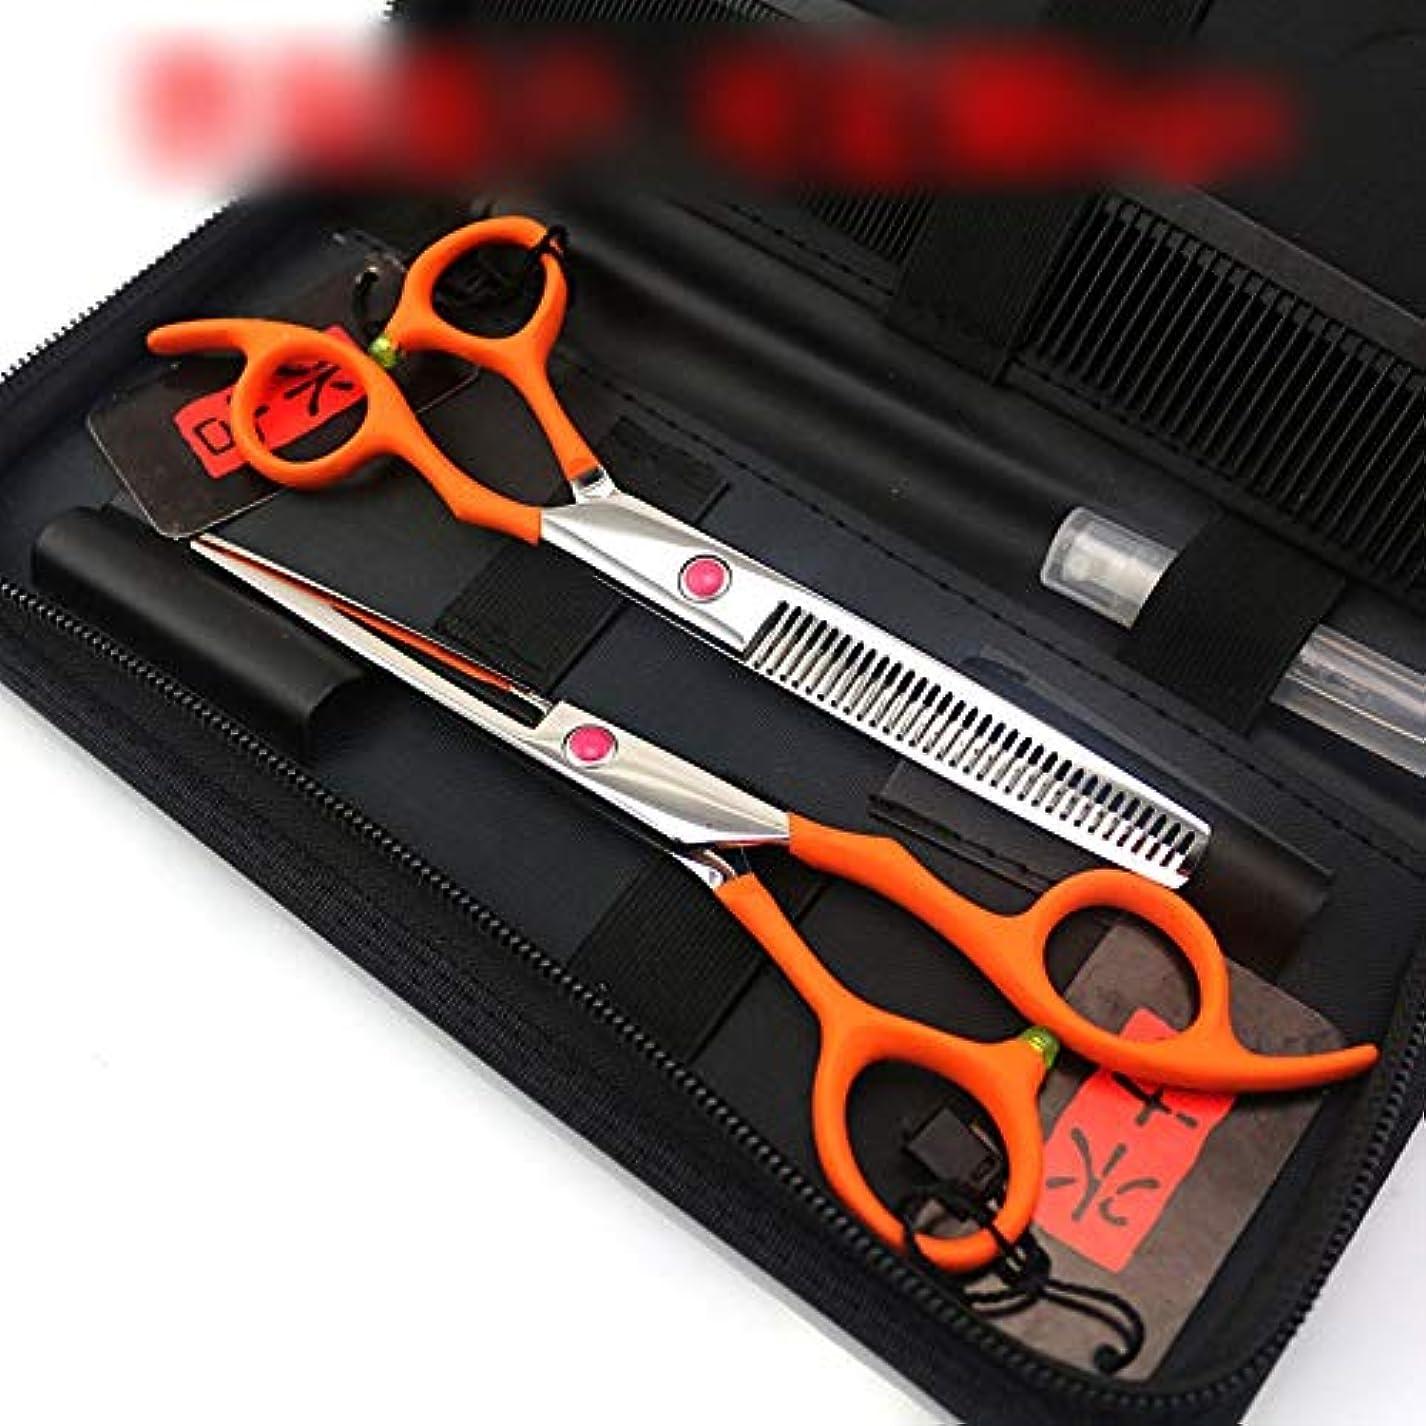 コメント学校の先生ぬれたGoodsok-jp 6.0インチオレンジプロの理髪はさみセットハイエンドプロの理髪ツール (色 : オレンジ)